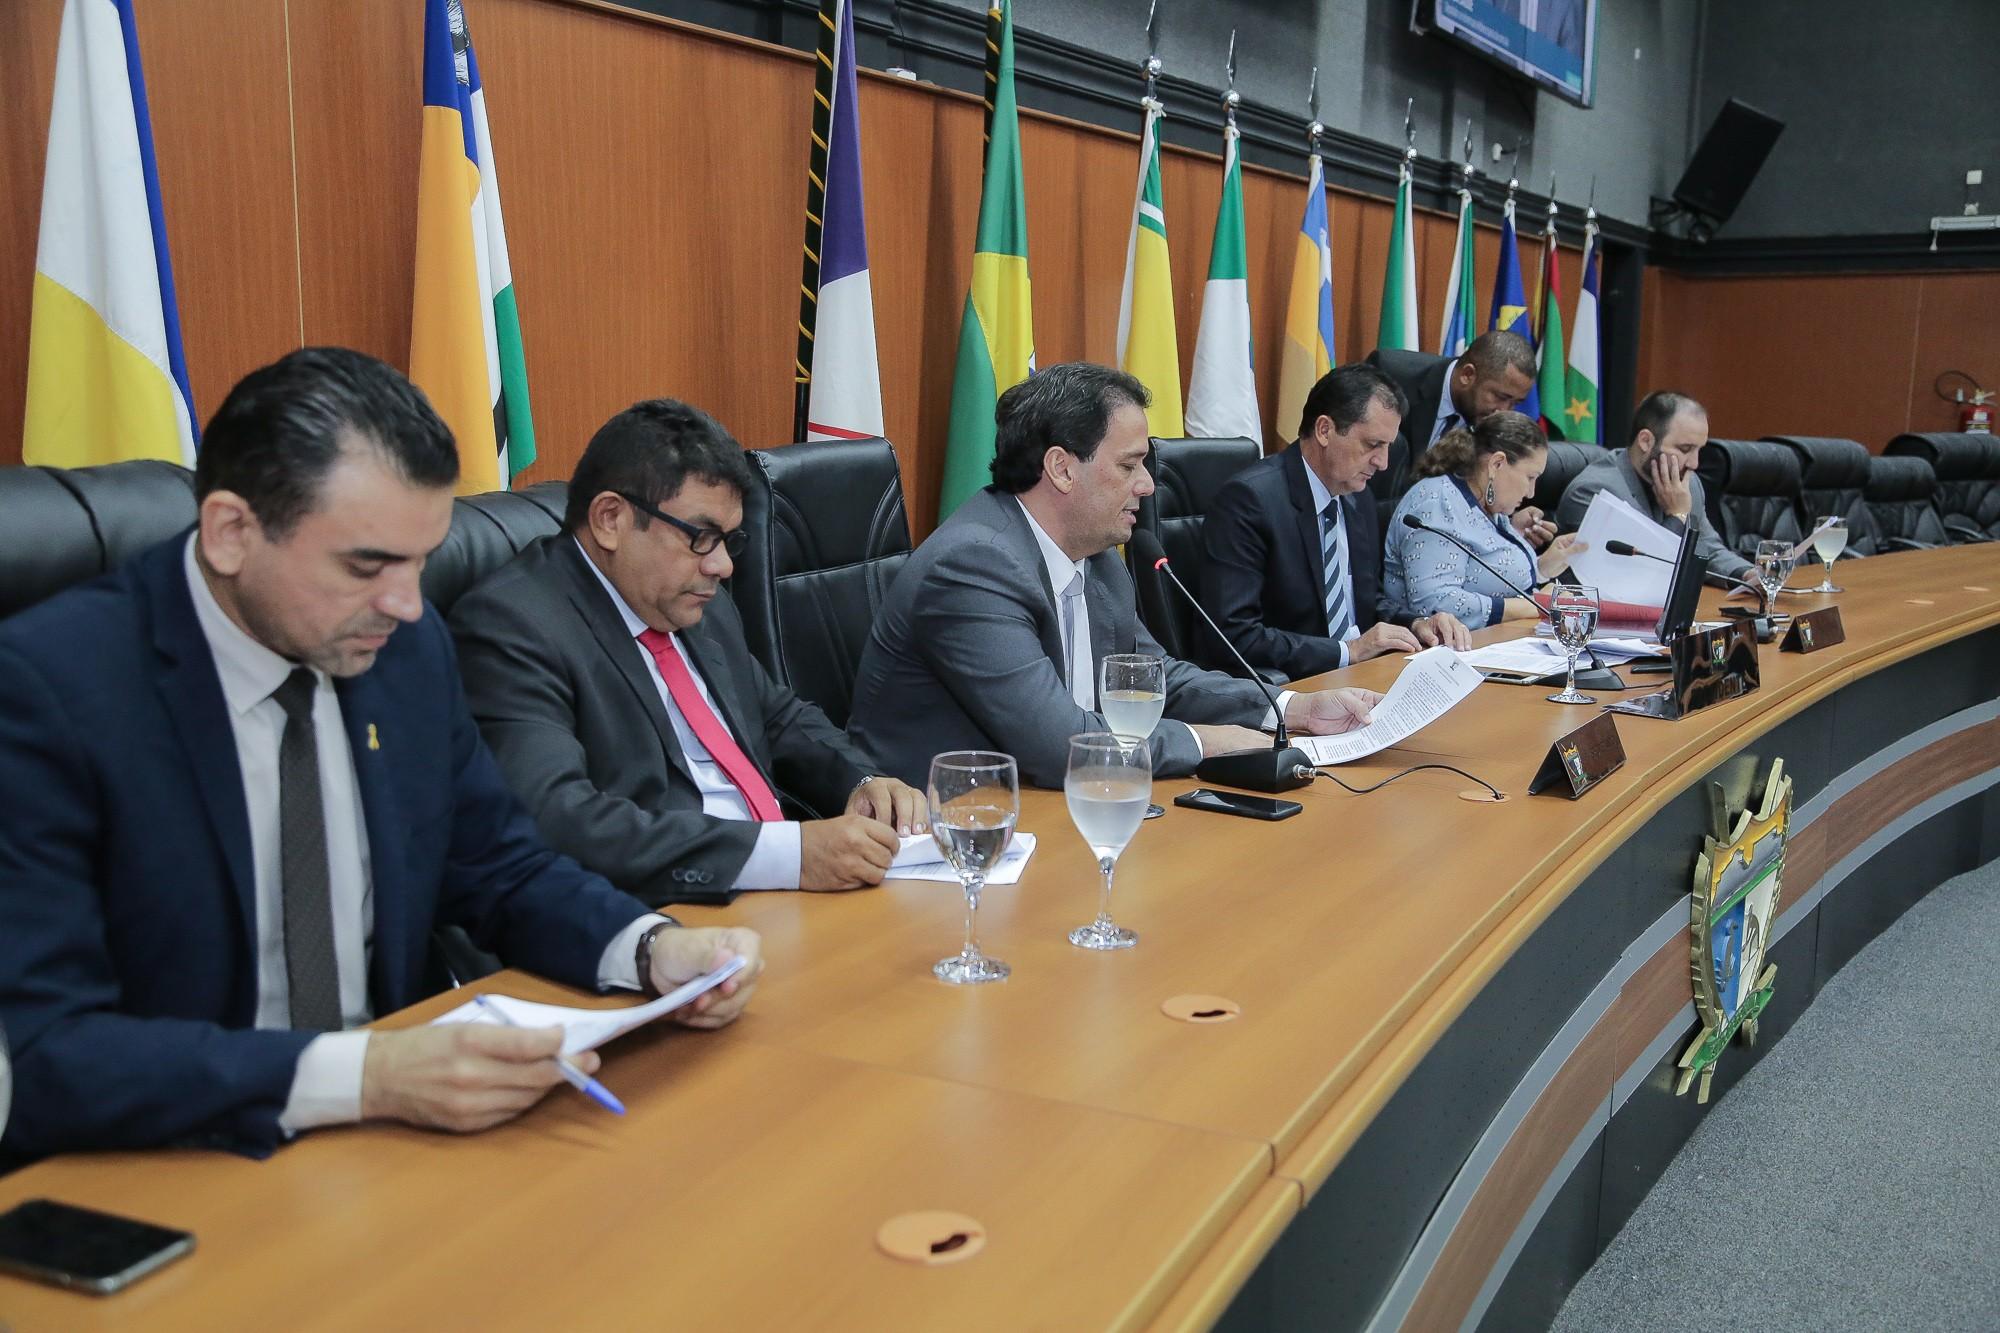 CPI da Saúde pede suspensão de contrato com empresa que fornece comida a hospitais de RR - Notícias - Plantão Diário